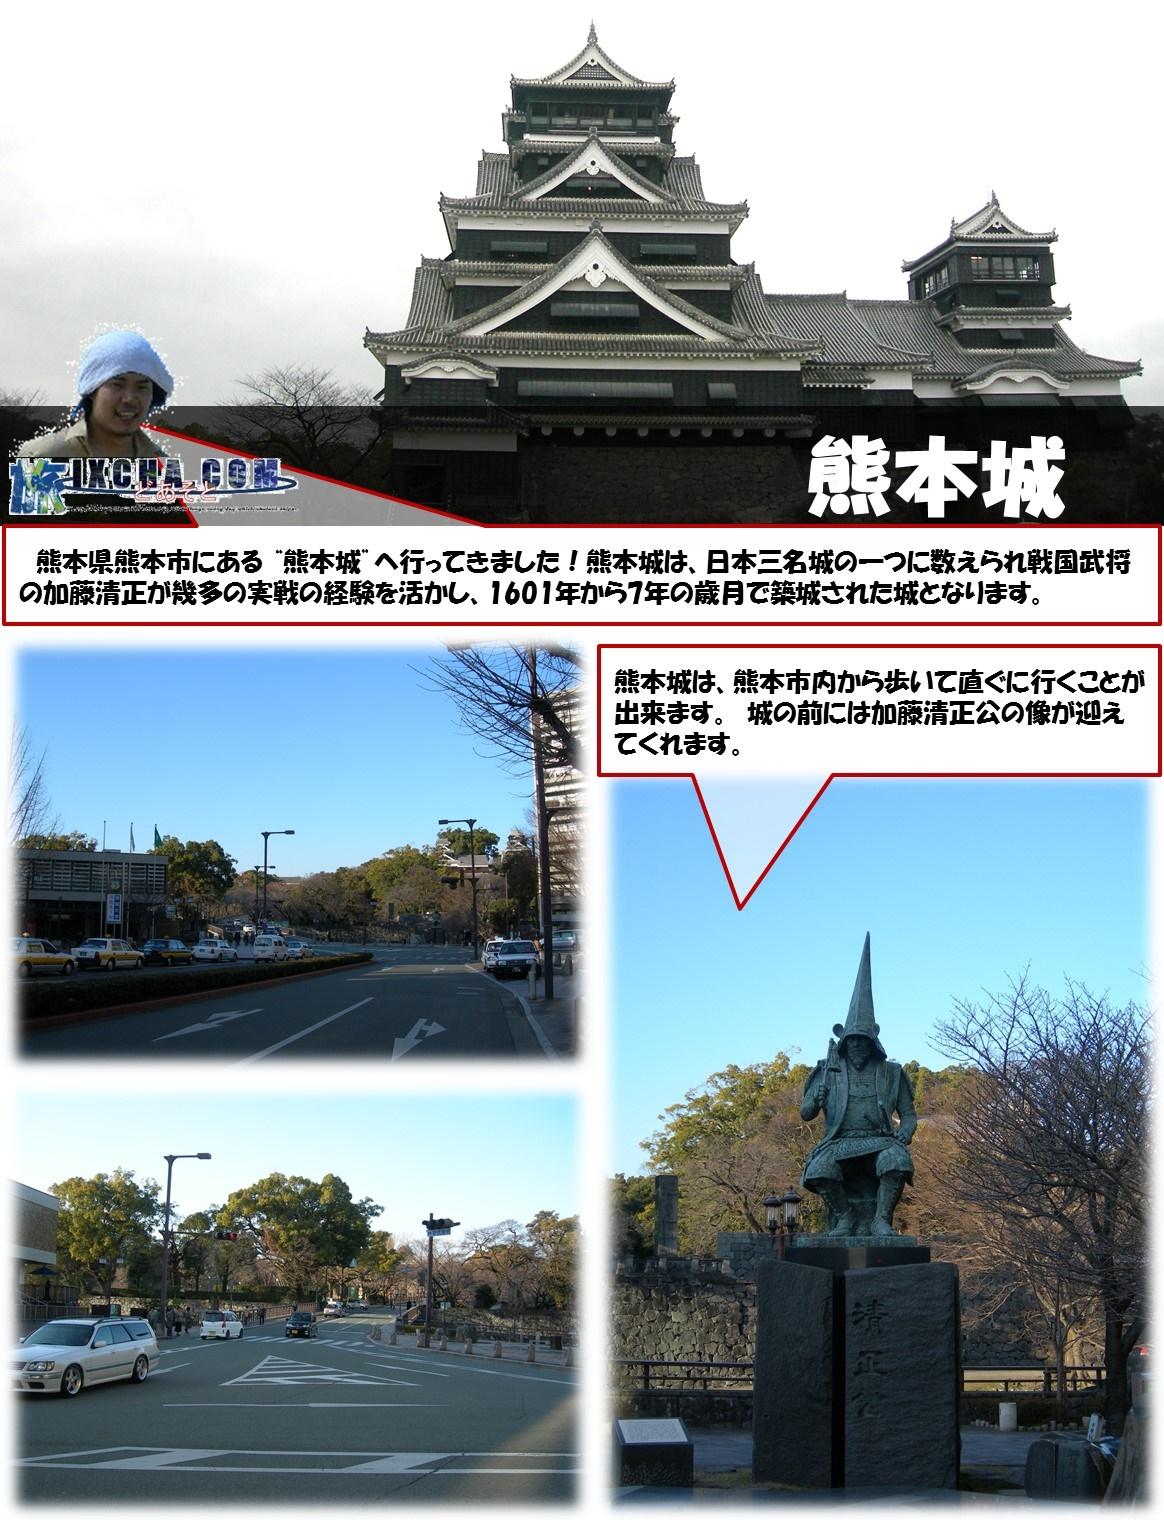 """熊本城 熊本県熊本市にある """"熊本城""""へ行ってきました!熊本城は、日本三名城の一つに数えられ戦国武将の加藤清正が幾多の実戦の経験を活かし、1601年から7年の歳月で築城された城となります。  熊本城は、熊本市内から歩いて直ぐに行くことが出来ます。 城の前には加藤清正公の像が迎えてくれます。"""